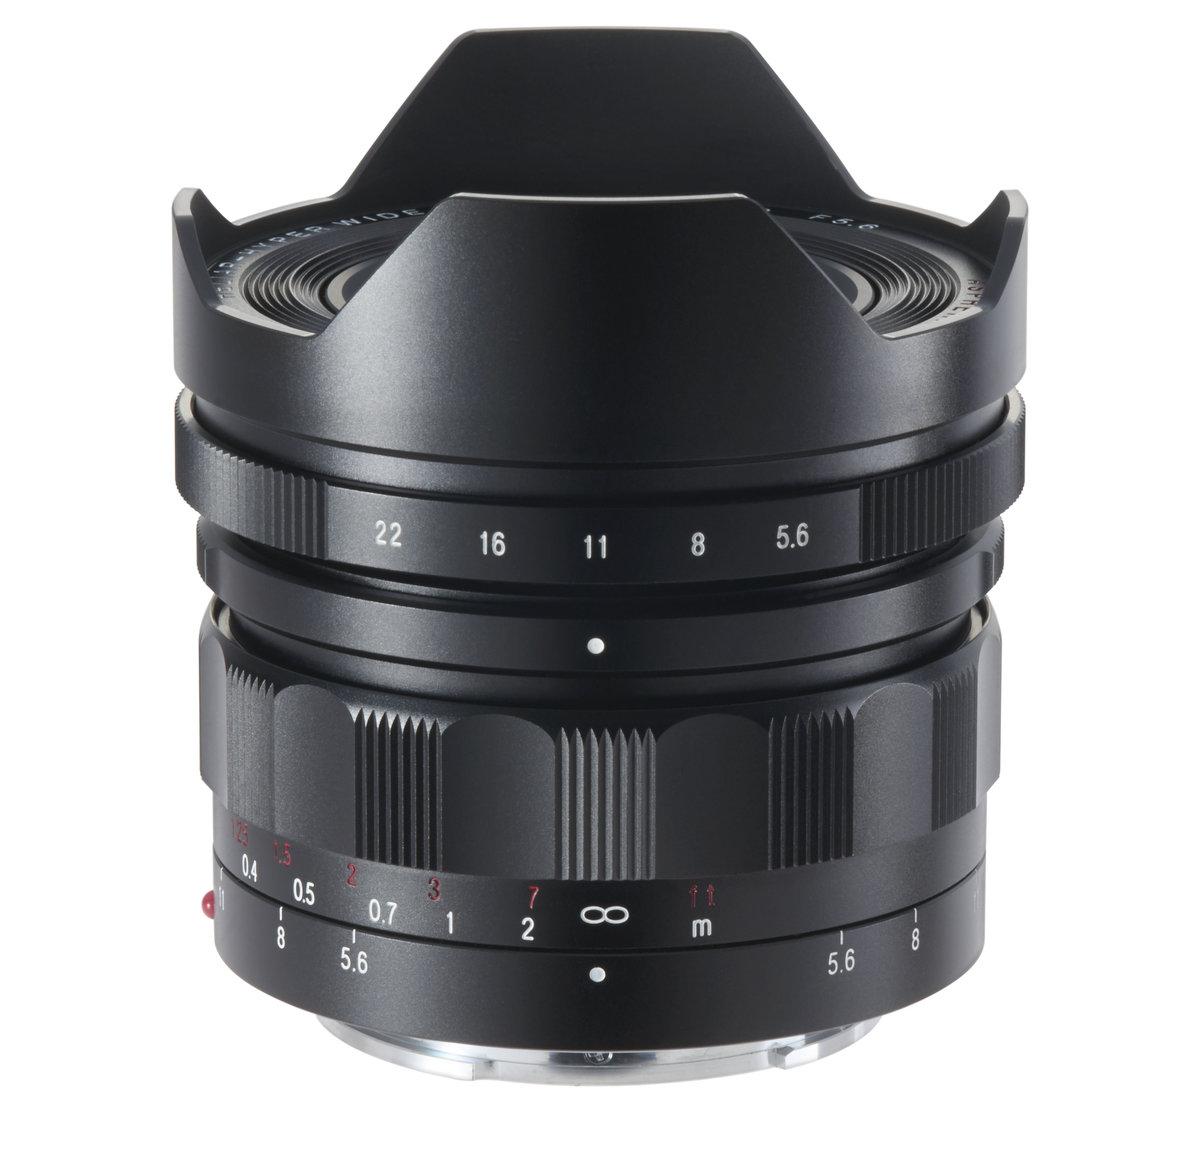 Heliar-Hyper Wide 10mm F5.6 Aspherical 鏡頭 E-mount